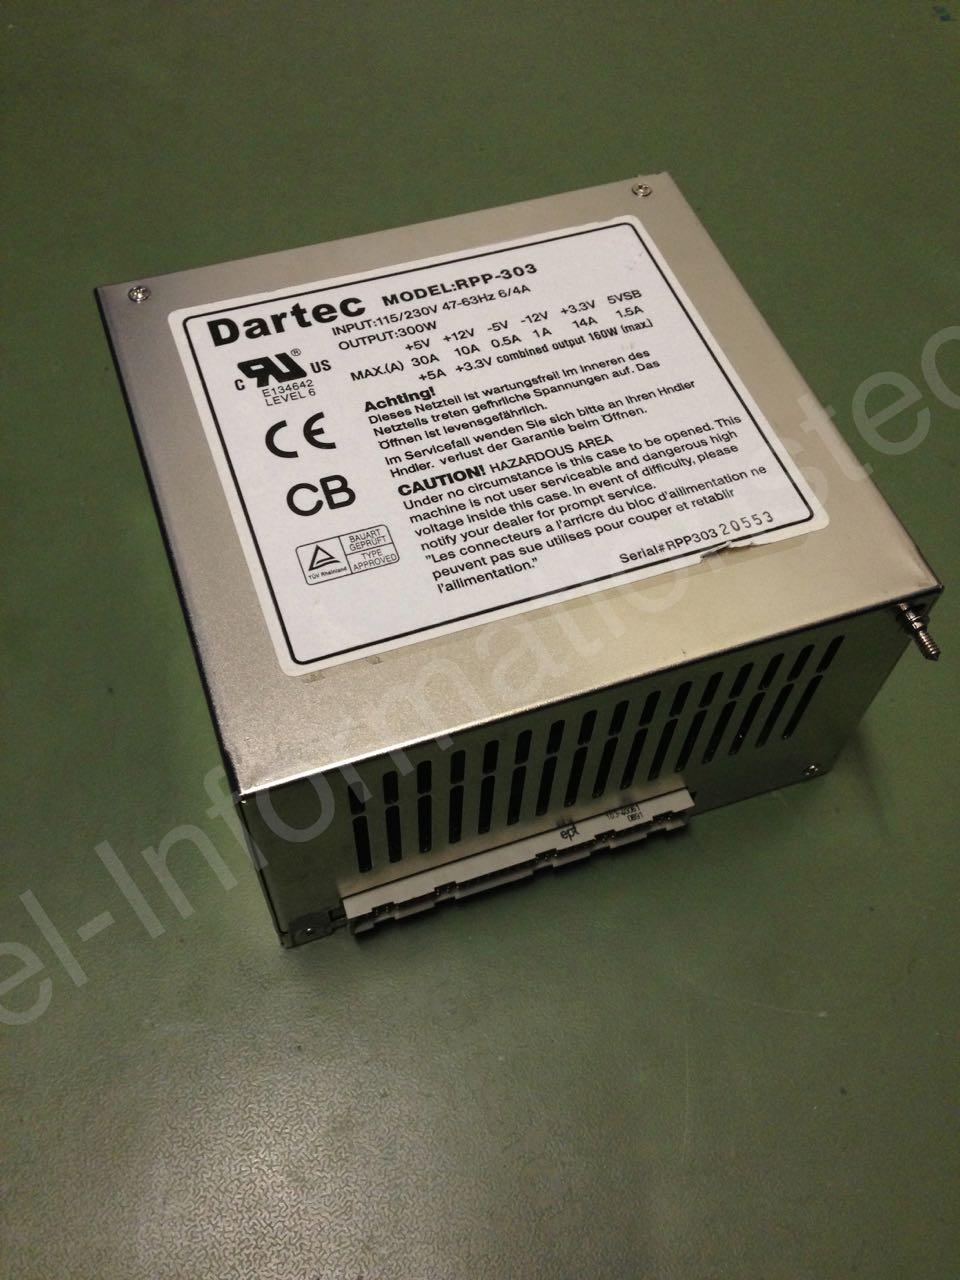 Dartec RPP-303